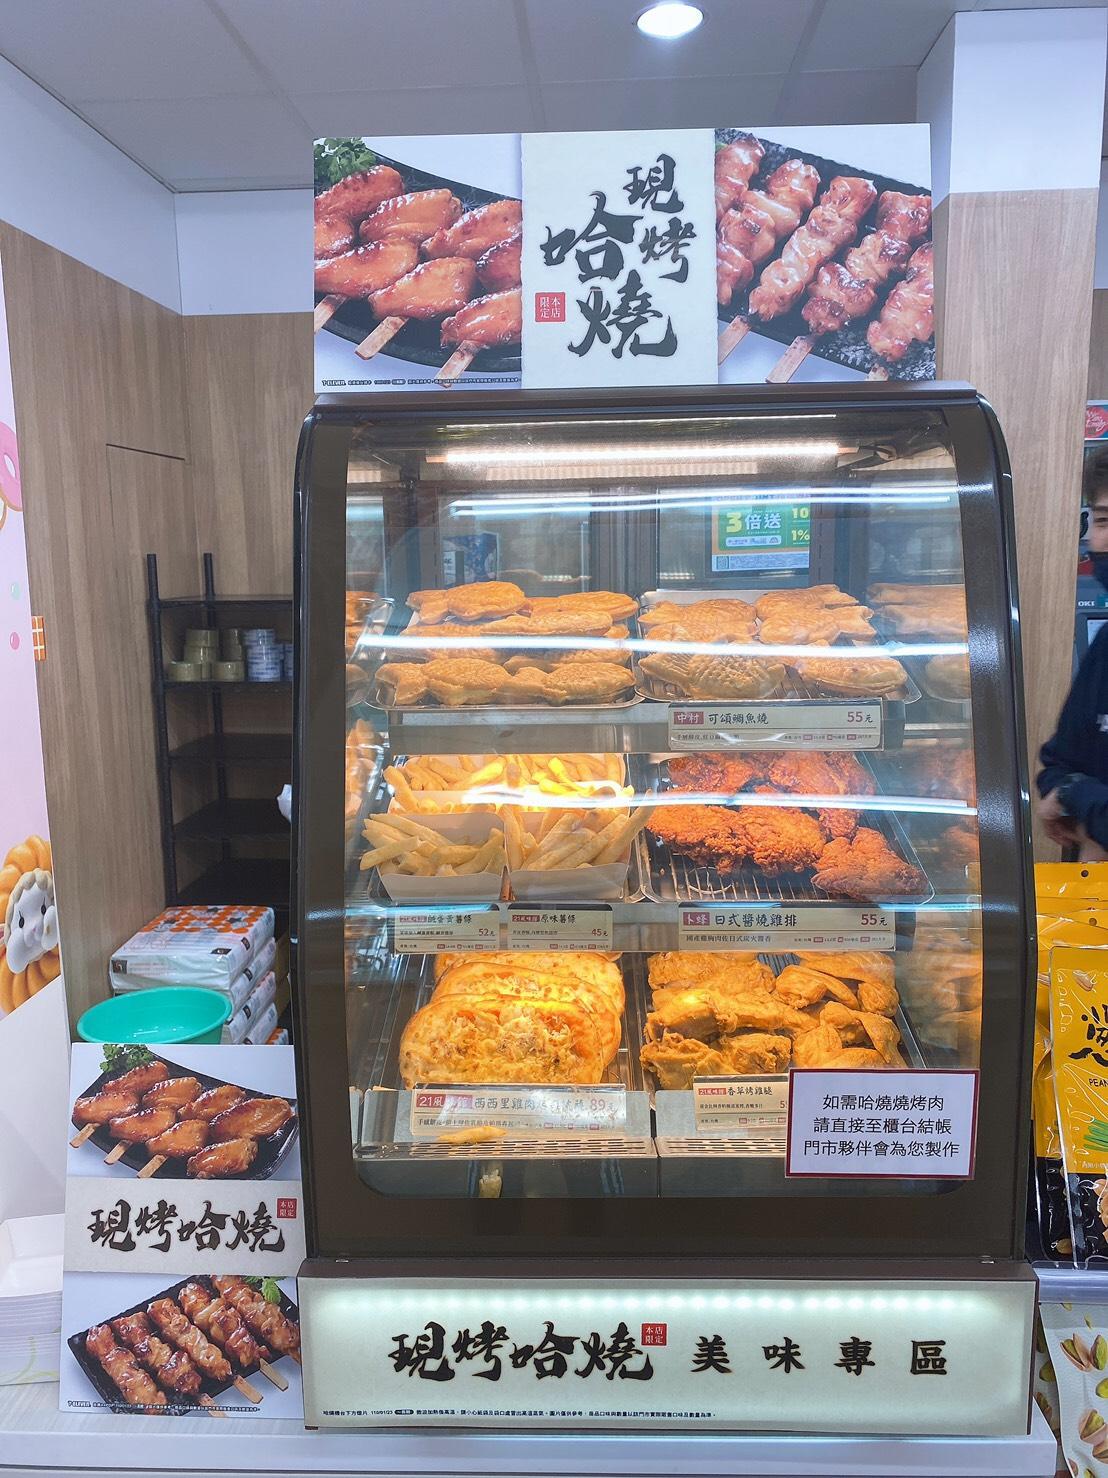 台灣7-11也有「現烤哈燒專櫃」!快衝這6間門市:醬燒雞排、雞腿串燒、可頌鯛魚燒39元起